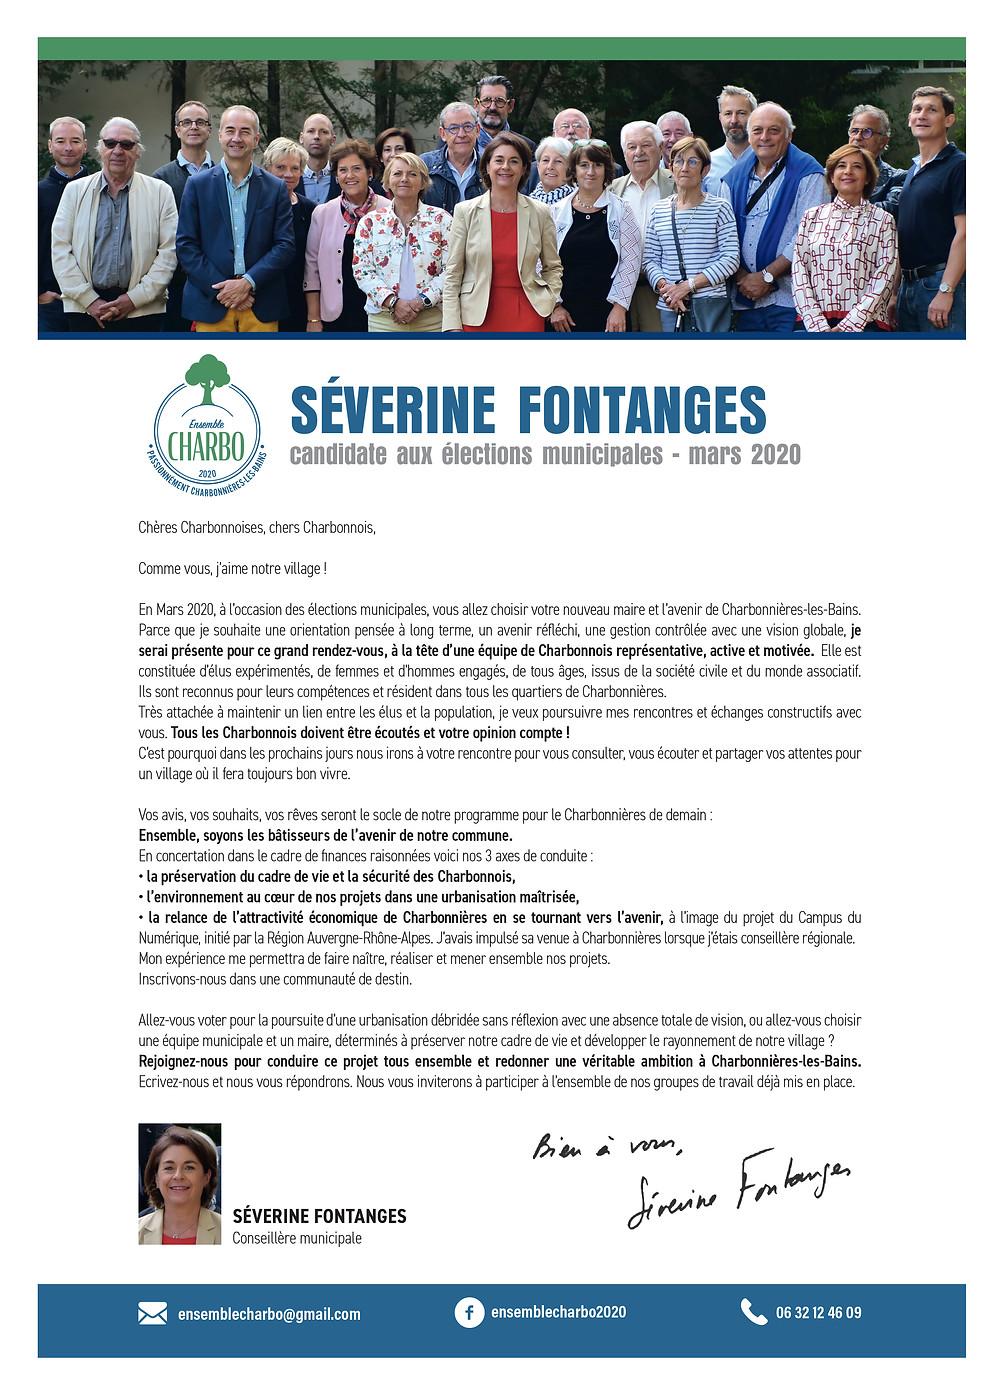 lettre de candidature Severine Fontanges